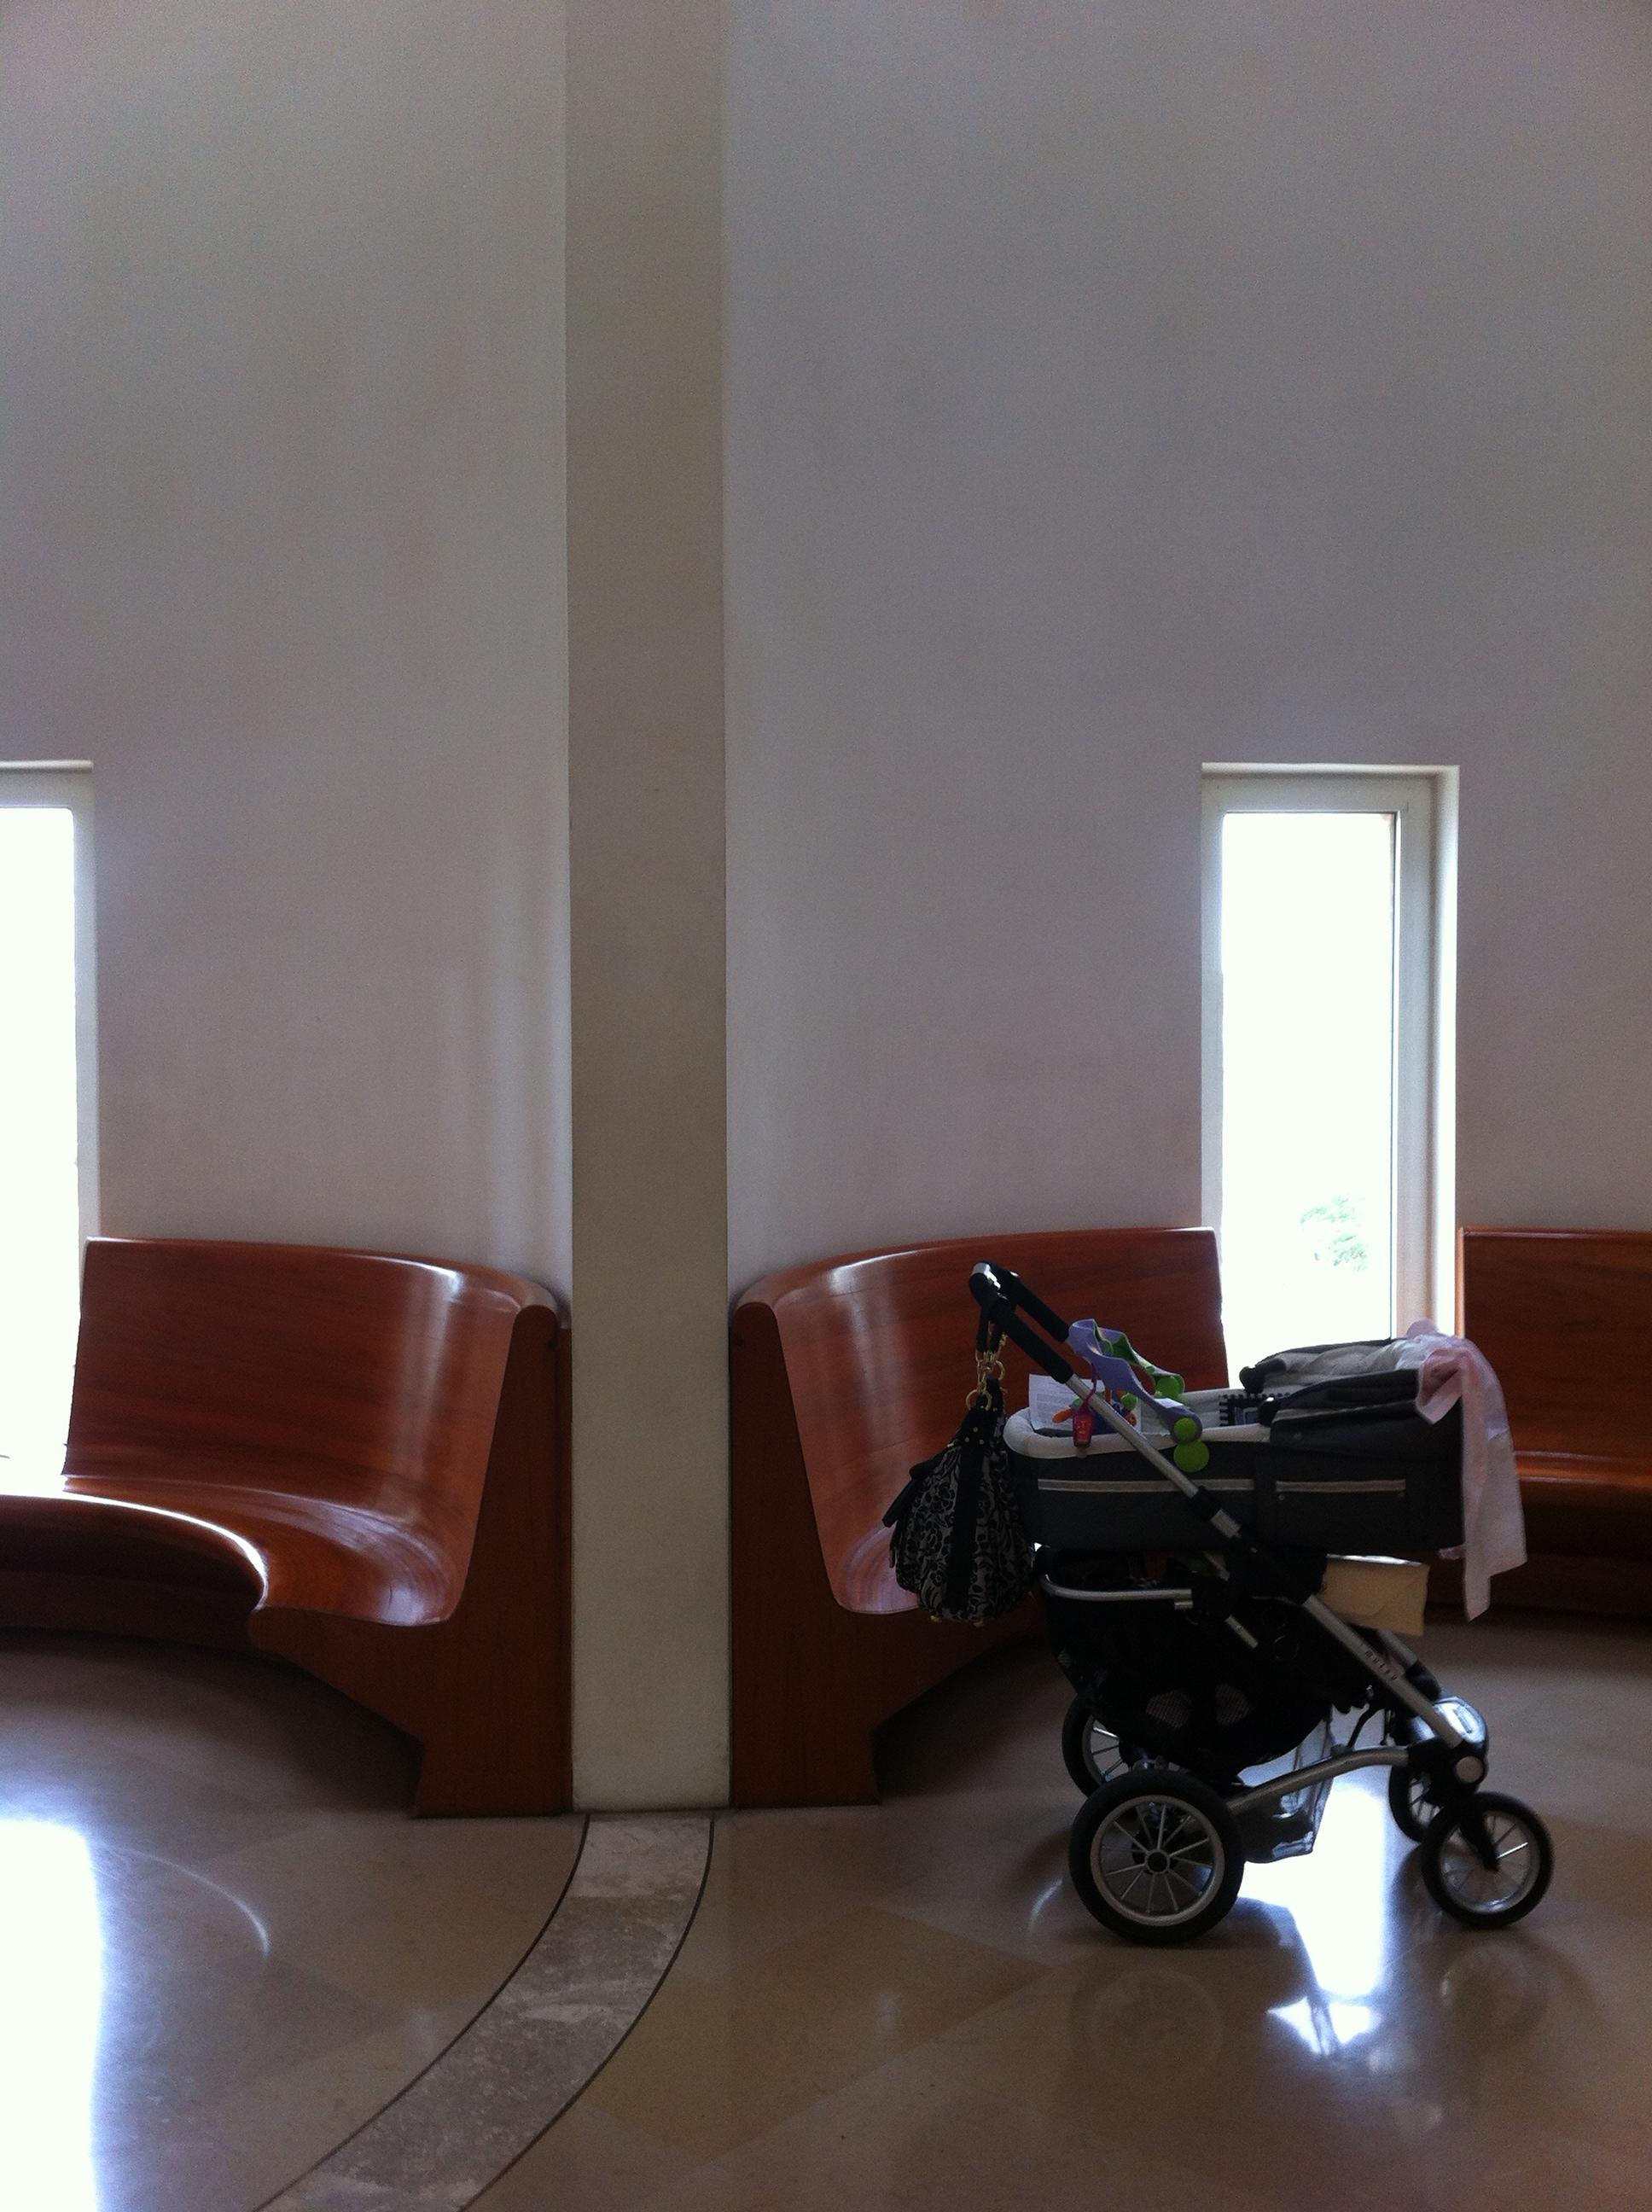 מקומות ישיבה במבואה, בית המשפט העליון בירושלים. צילום: כרמל חנני